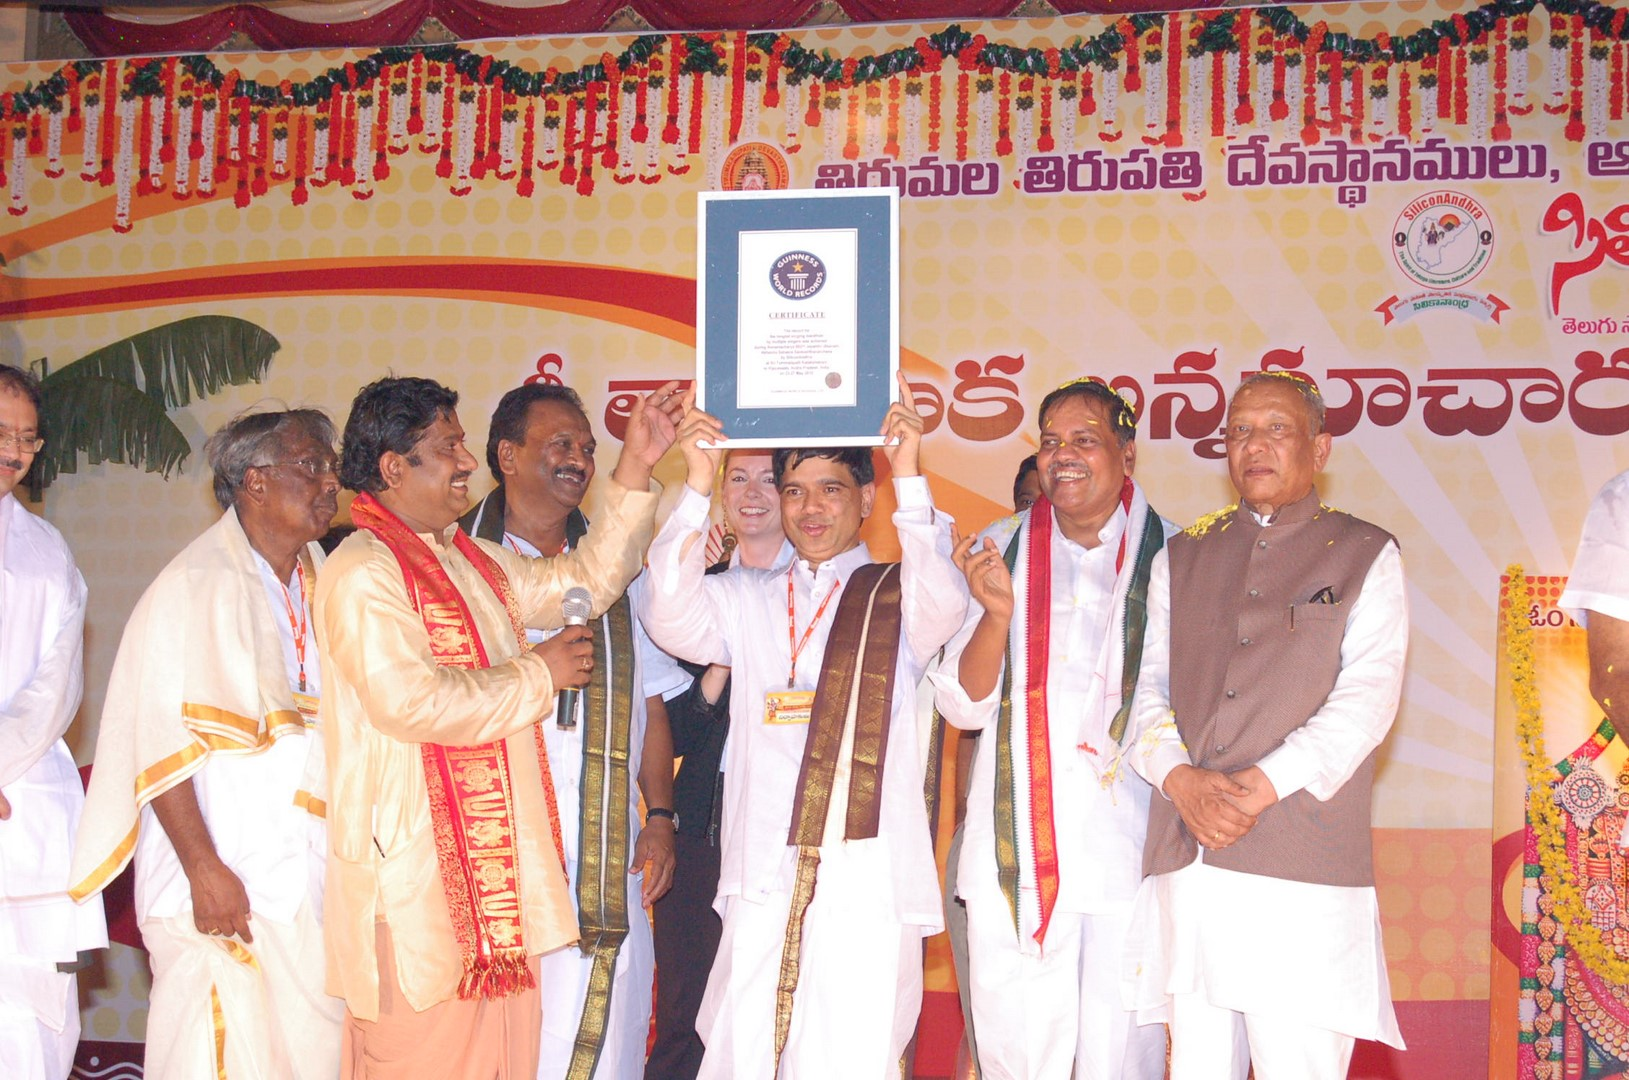 Annamayya Akhanda Sahasra Sankeertana – May 25-27, 2010